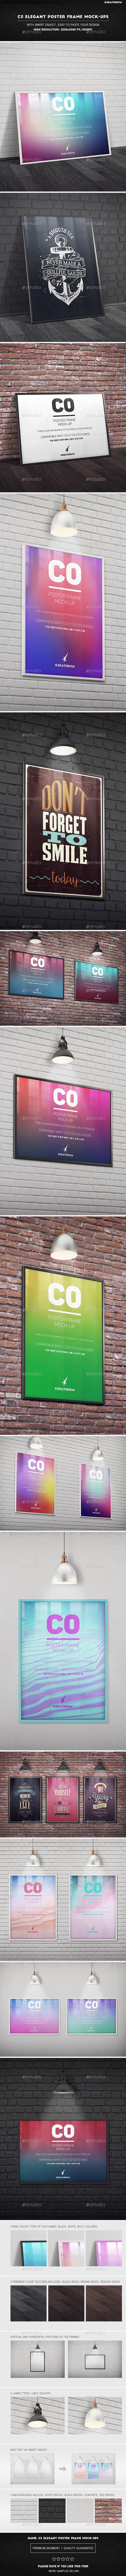 C0 Elegant Poster Frame Mock-Ups - Product Mock-Ups Graphics